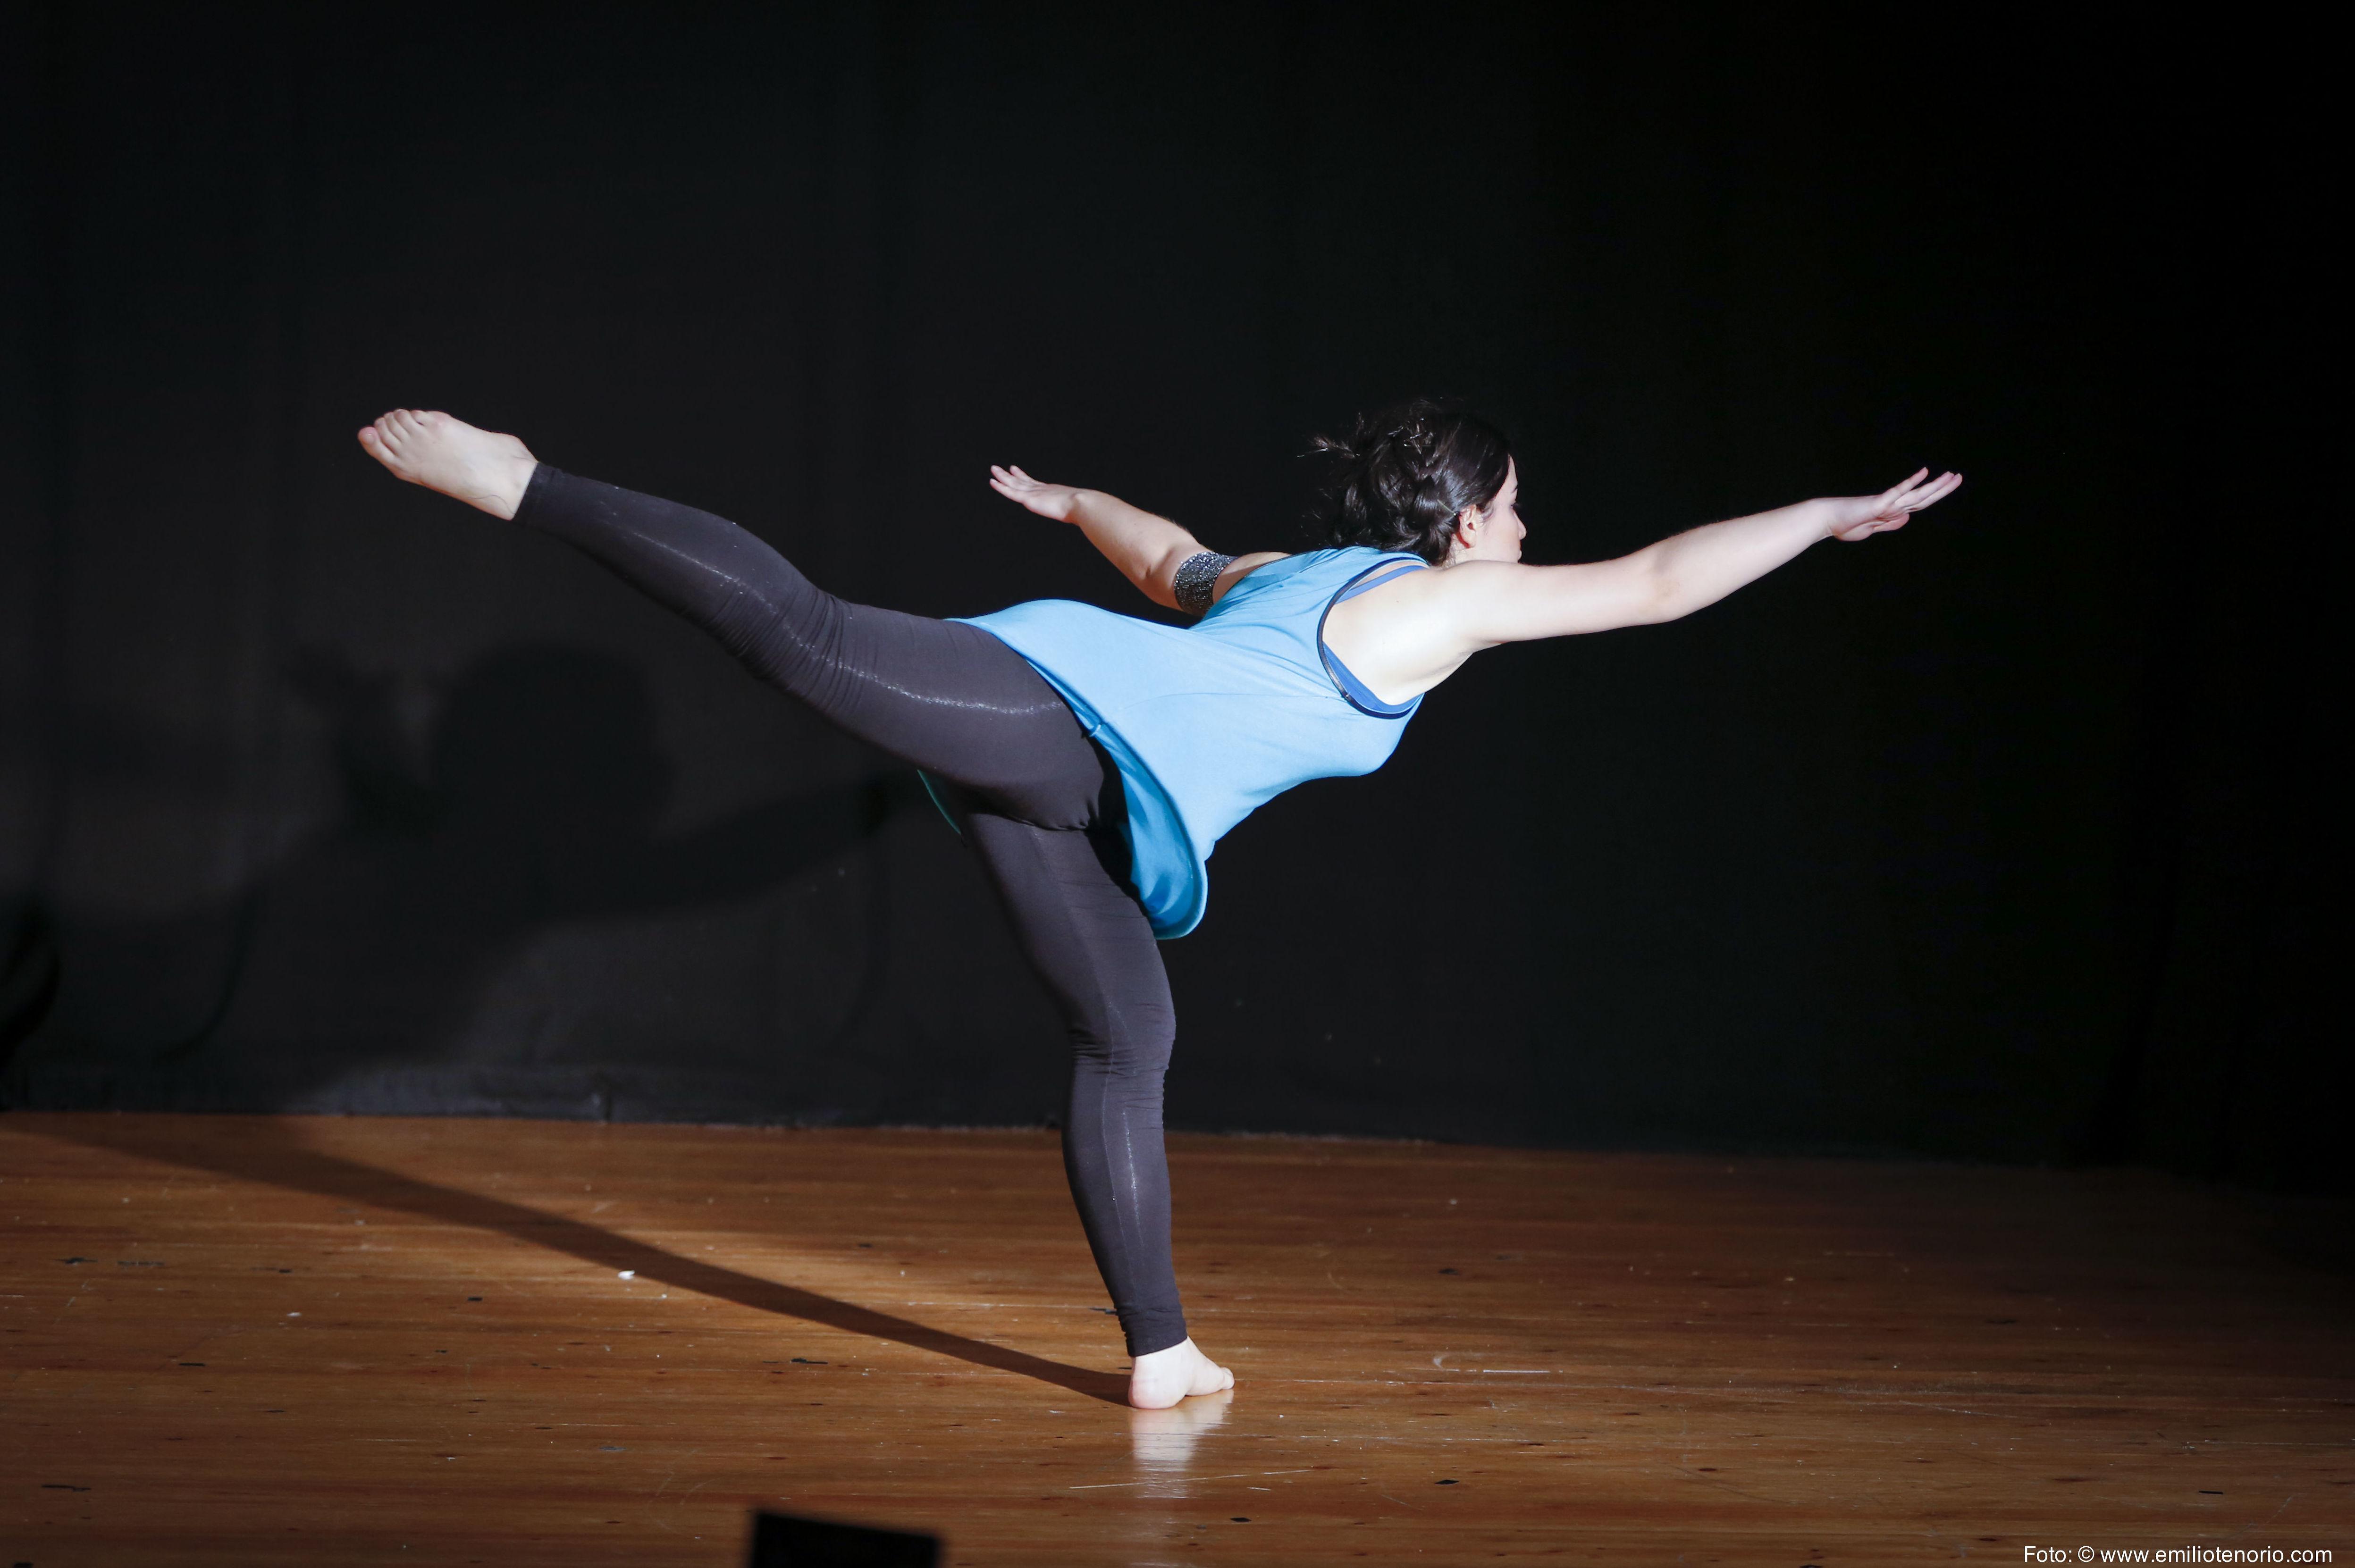 Hoy comienza la clases de Danza Contemporánea de la tarde